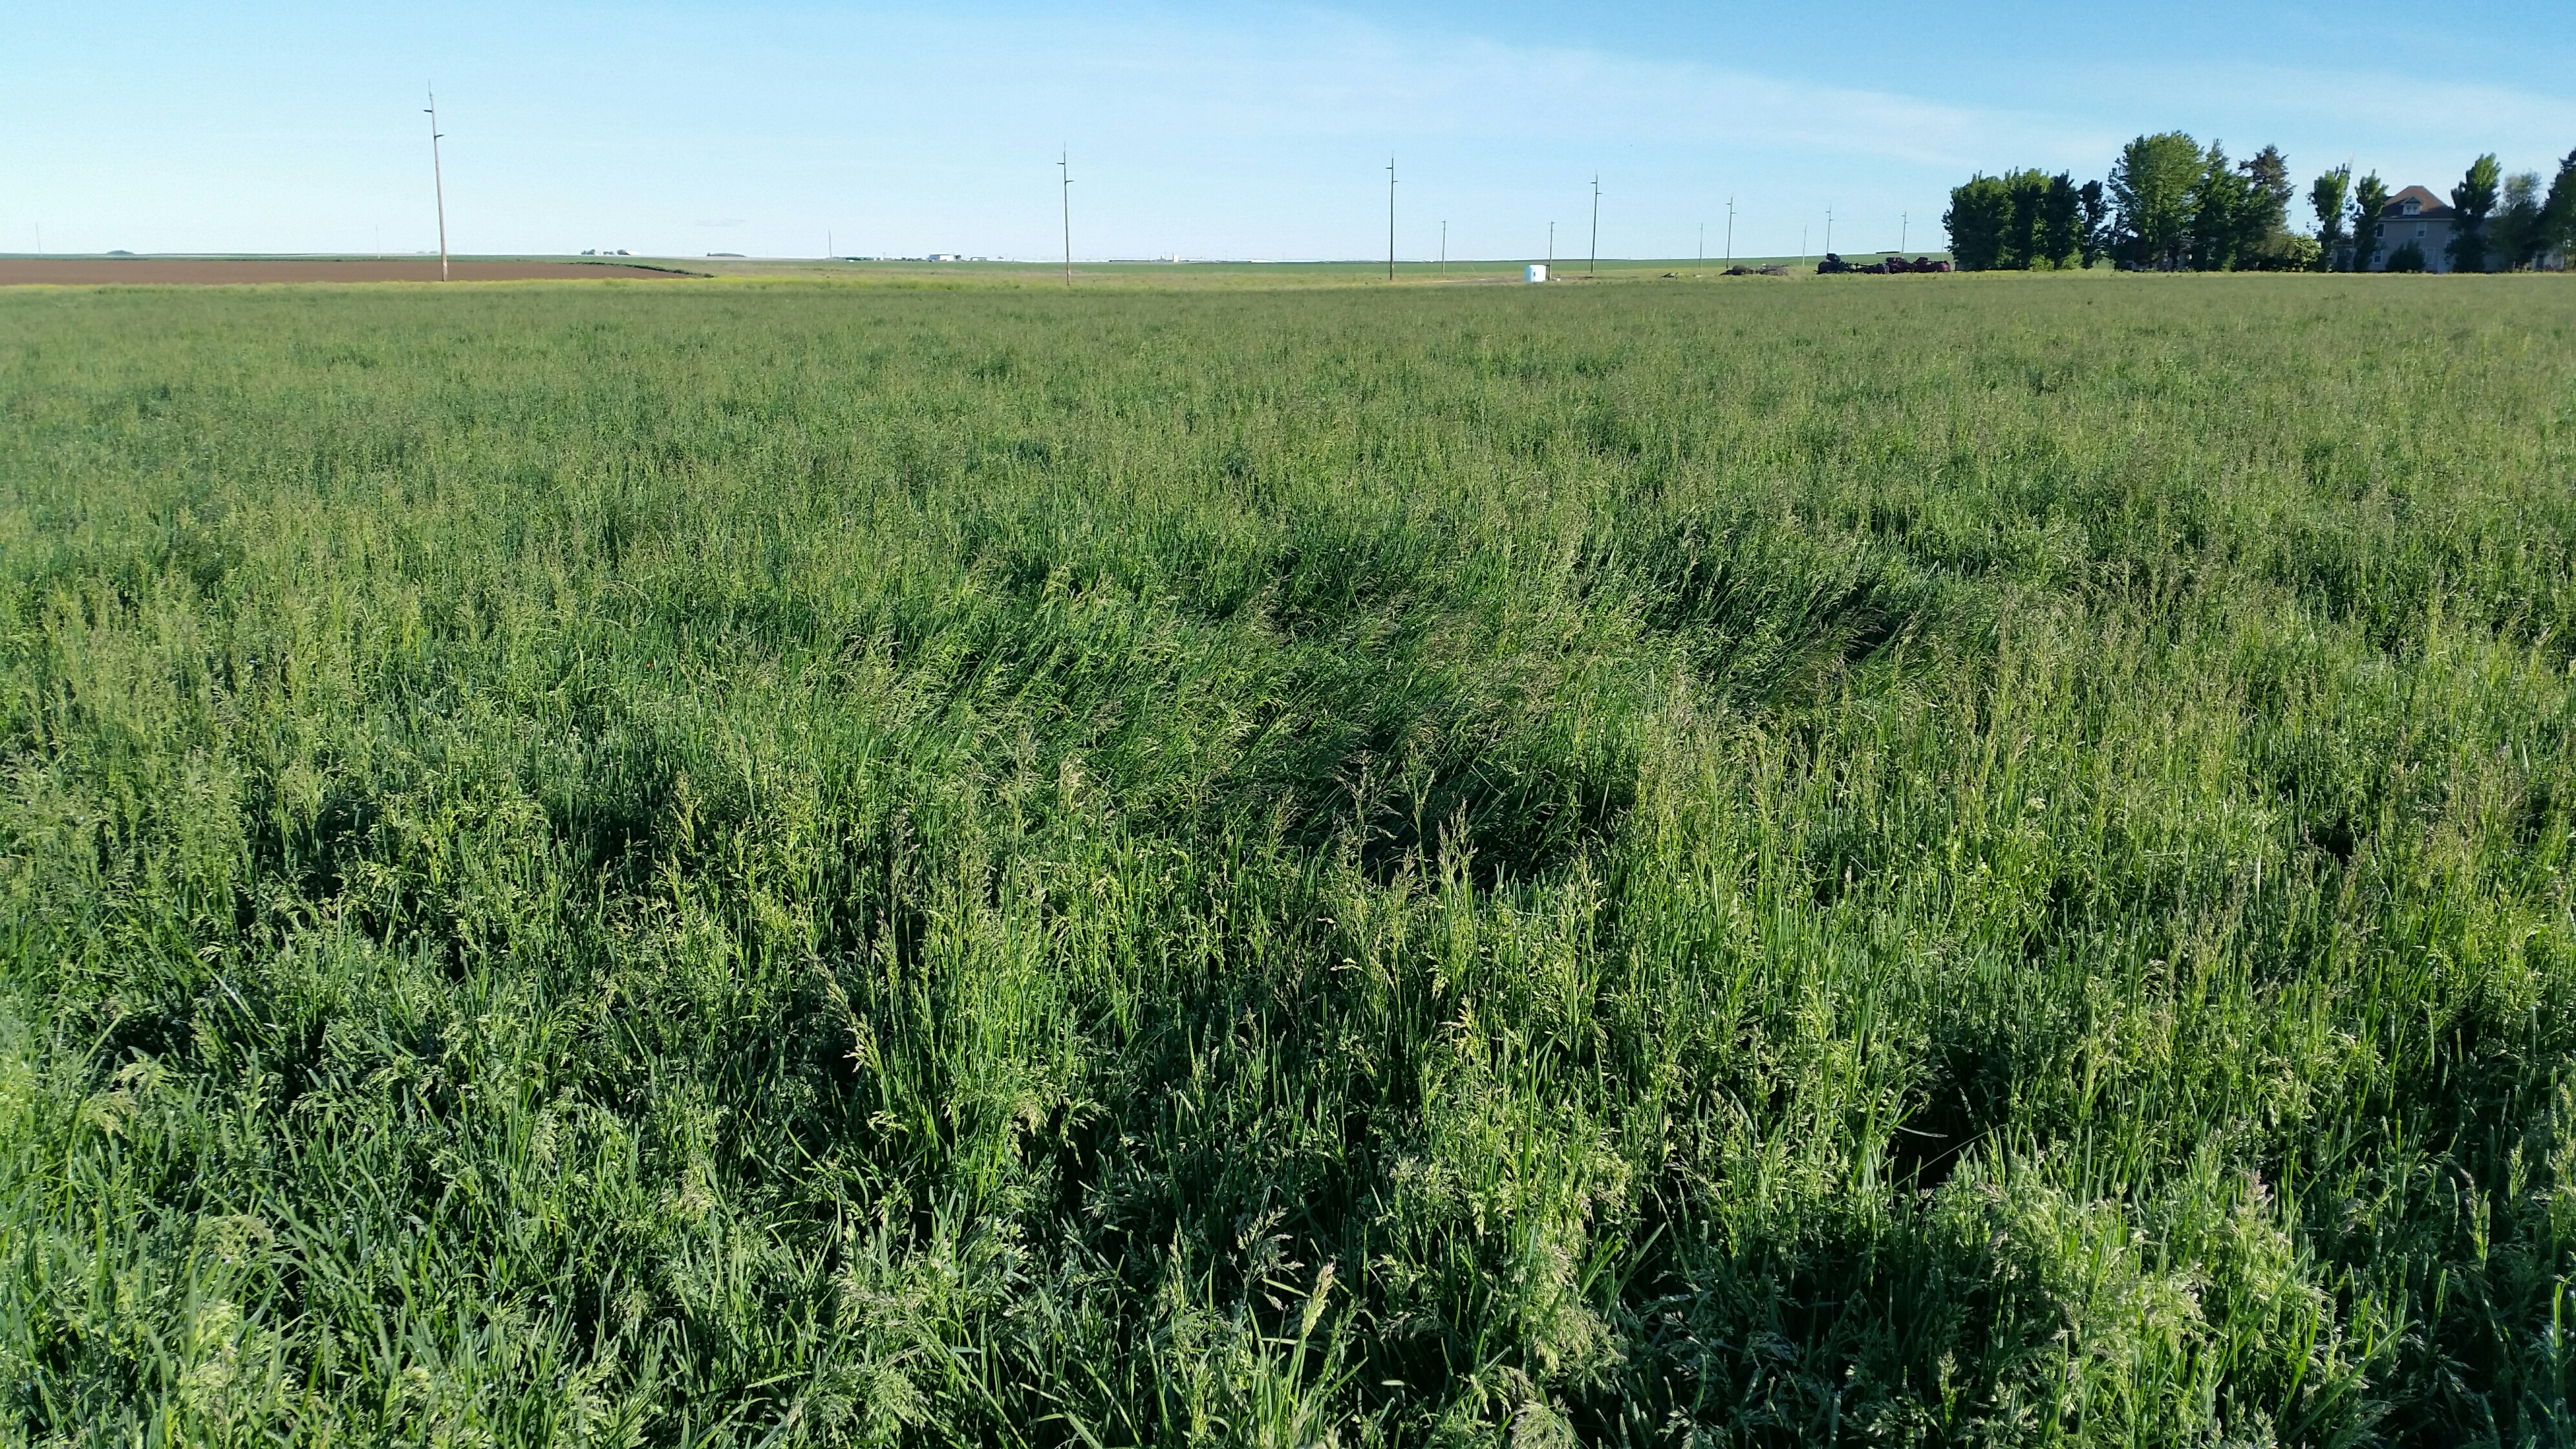 blueberry_kentucky-bluegrass_production-field_turf-merchants